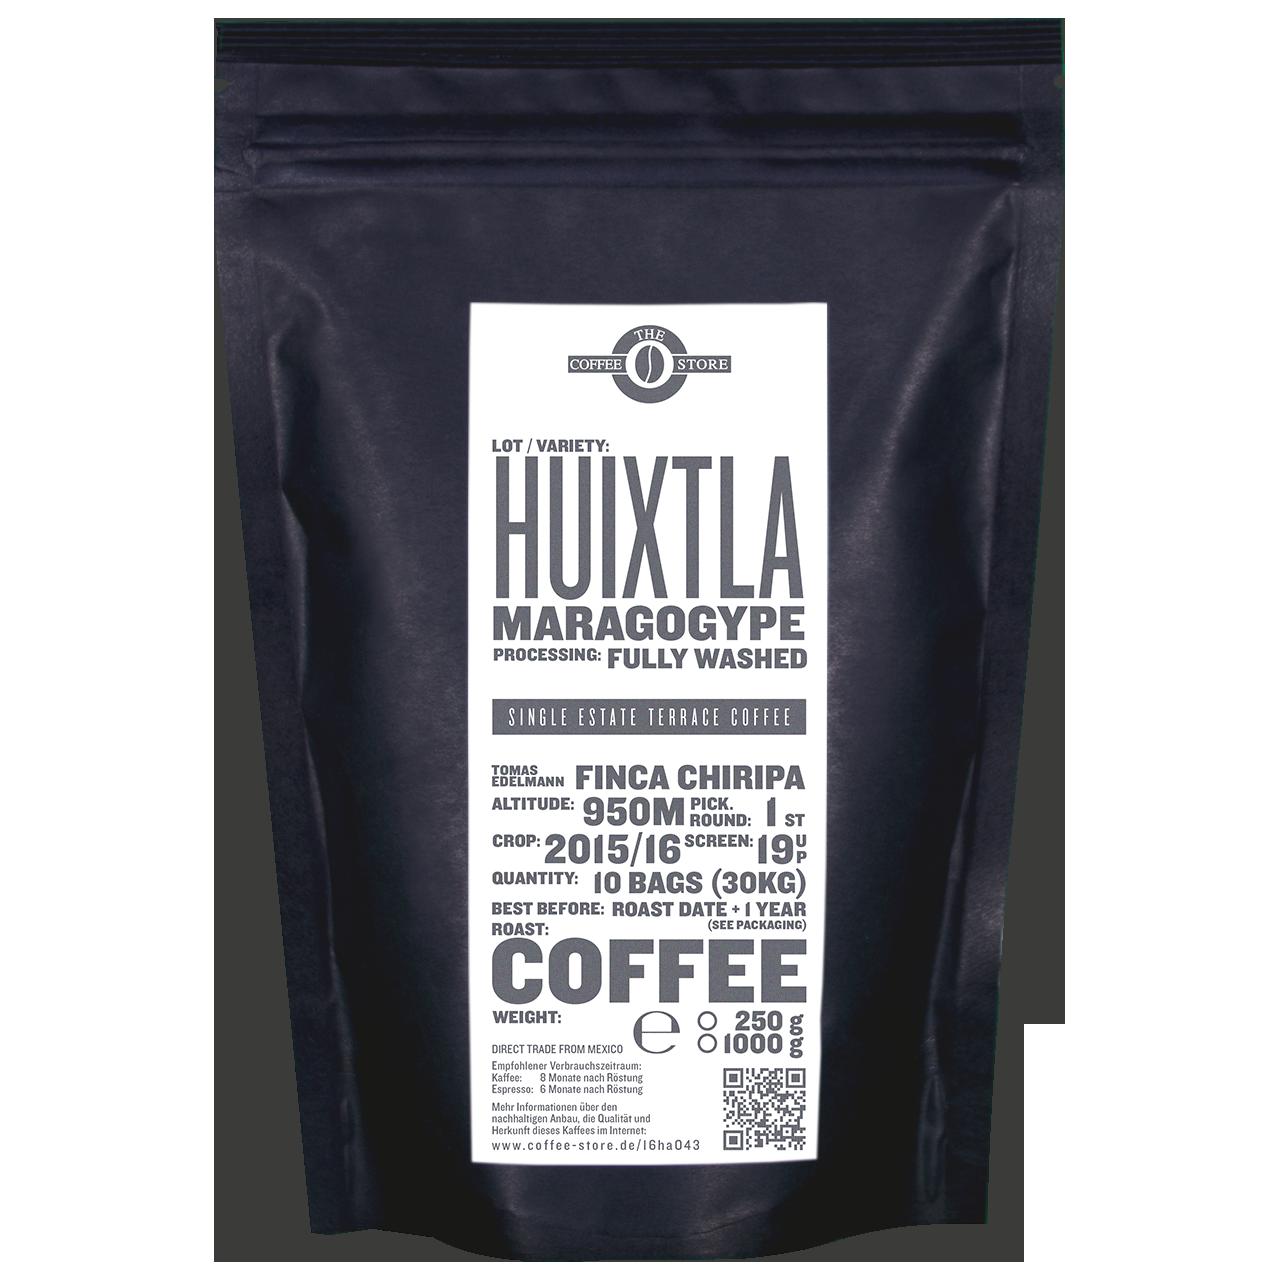 Huixtla, Maragogype - Kaffeeröstung